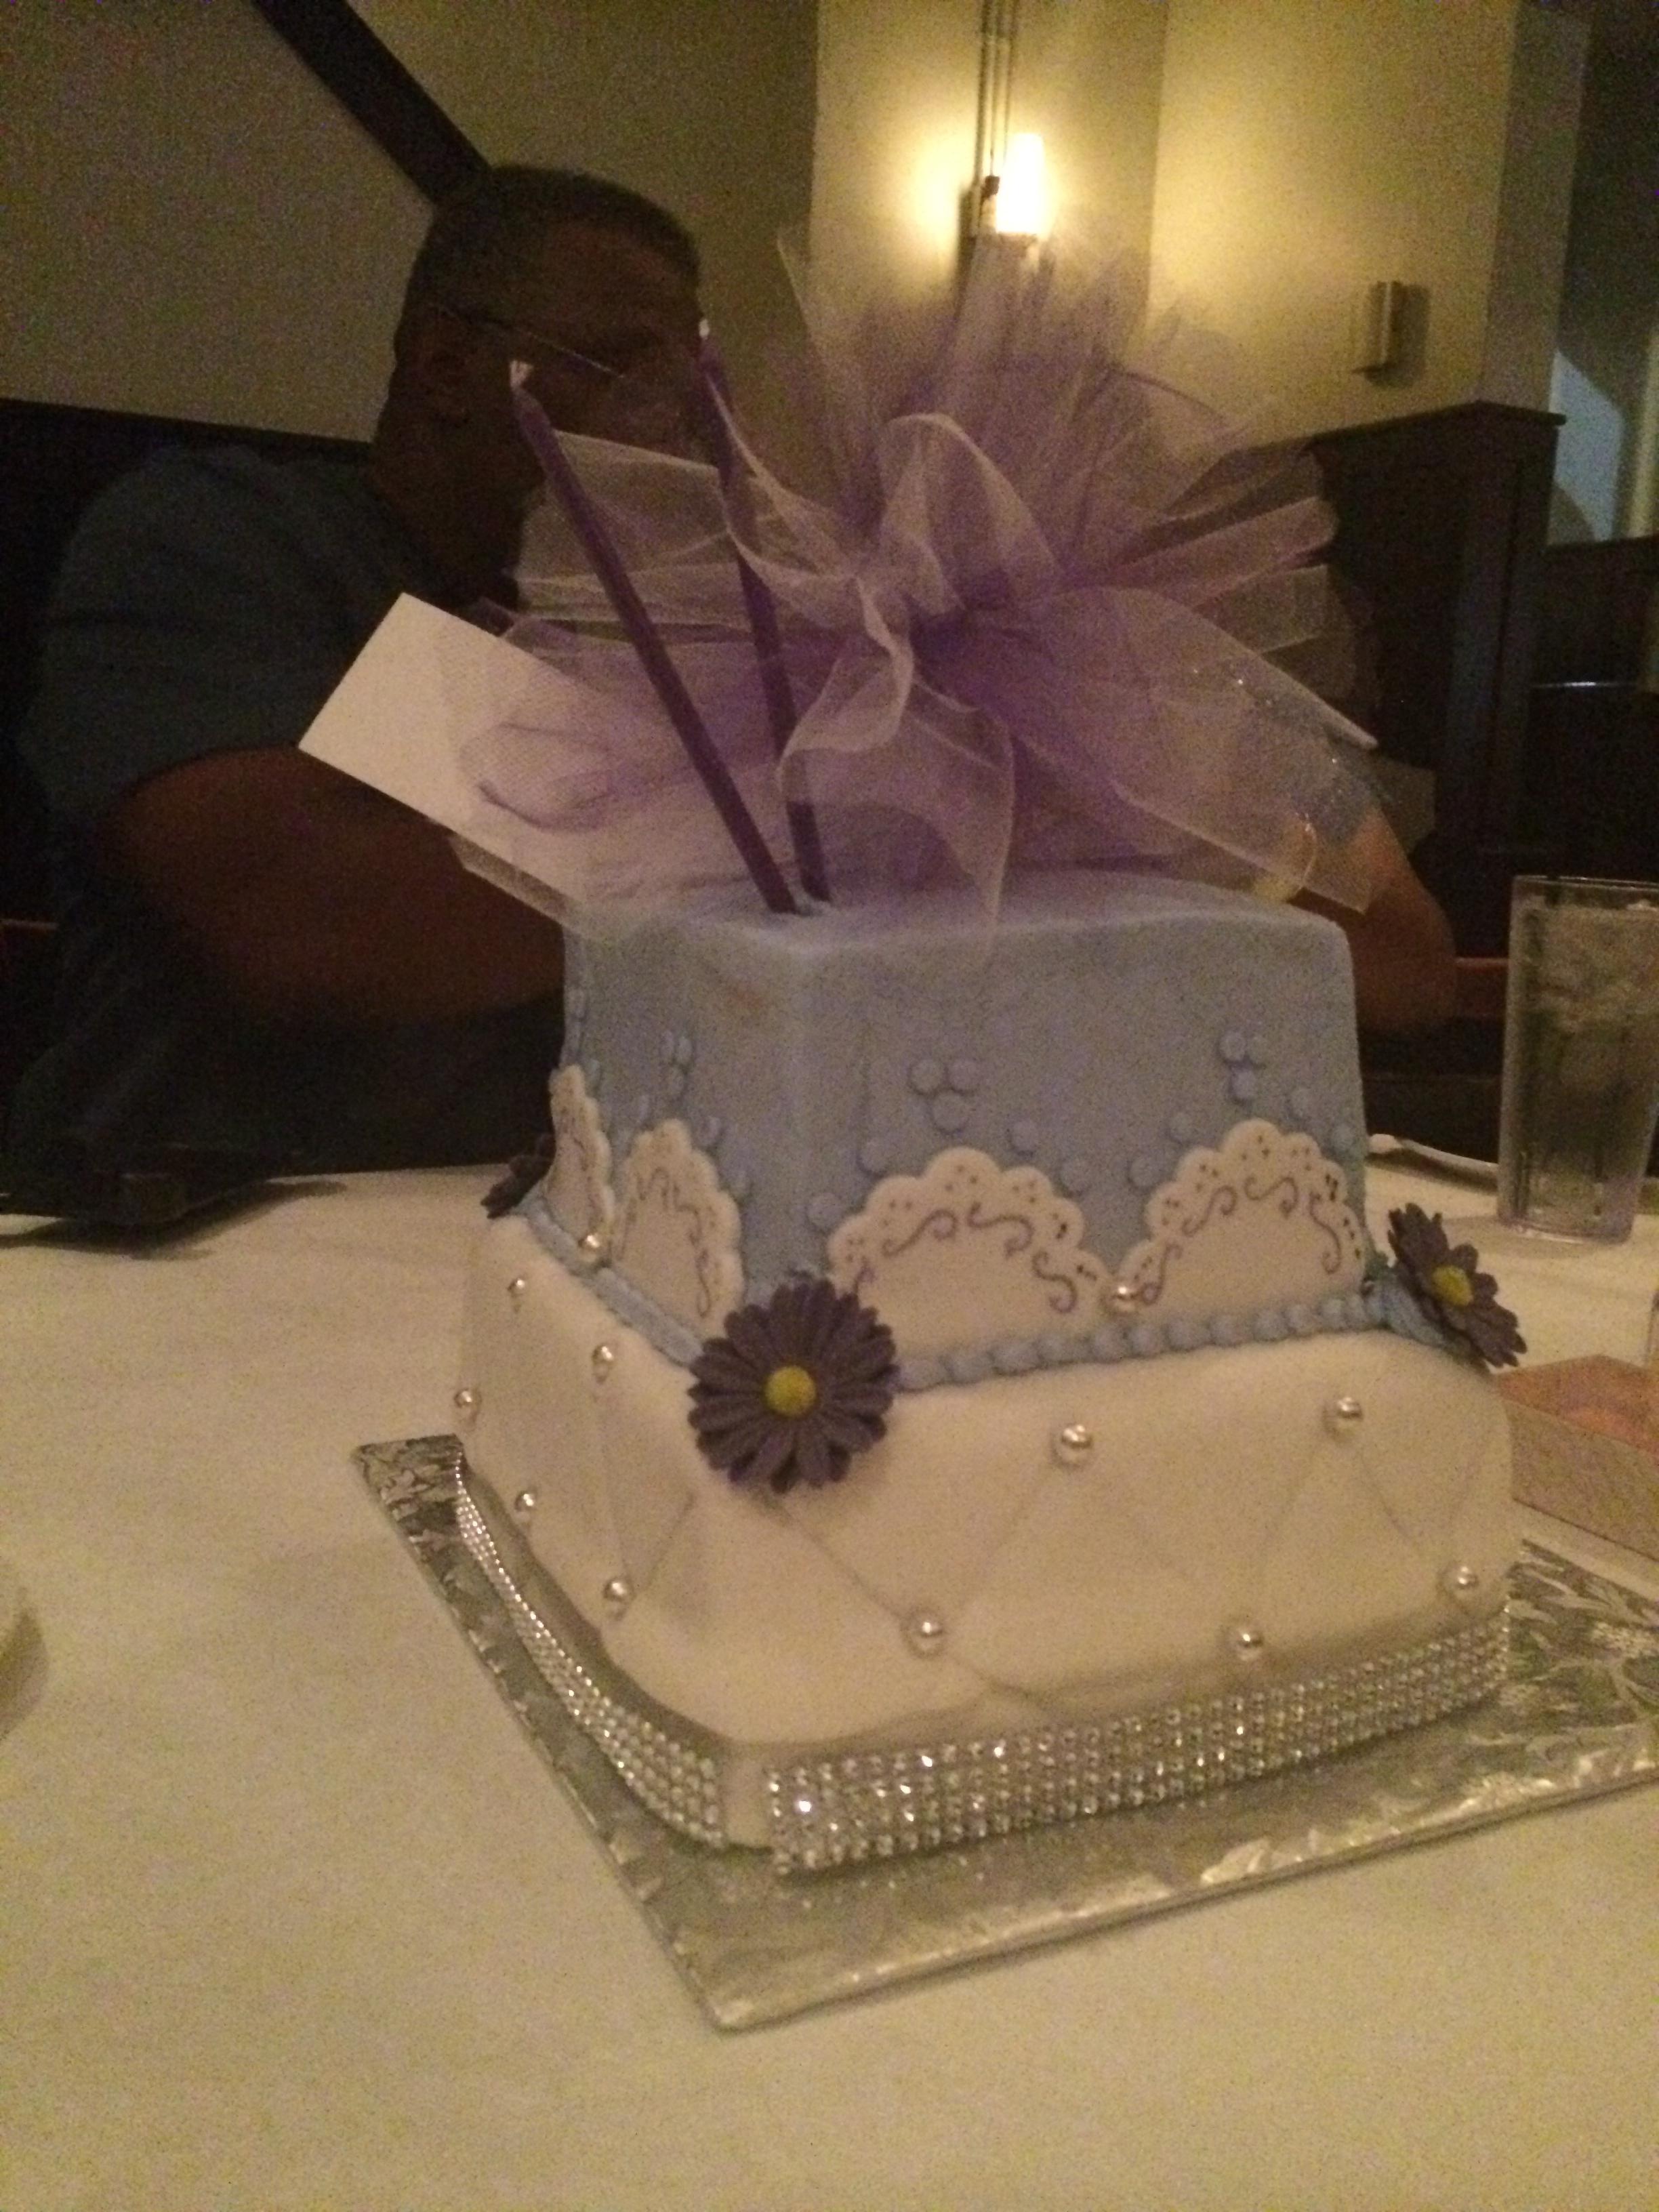 cake c/o Kippcakes.com